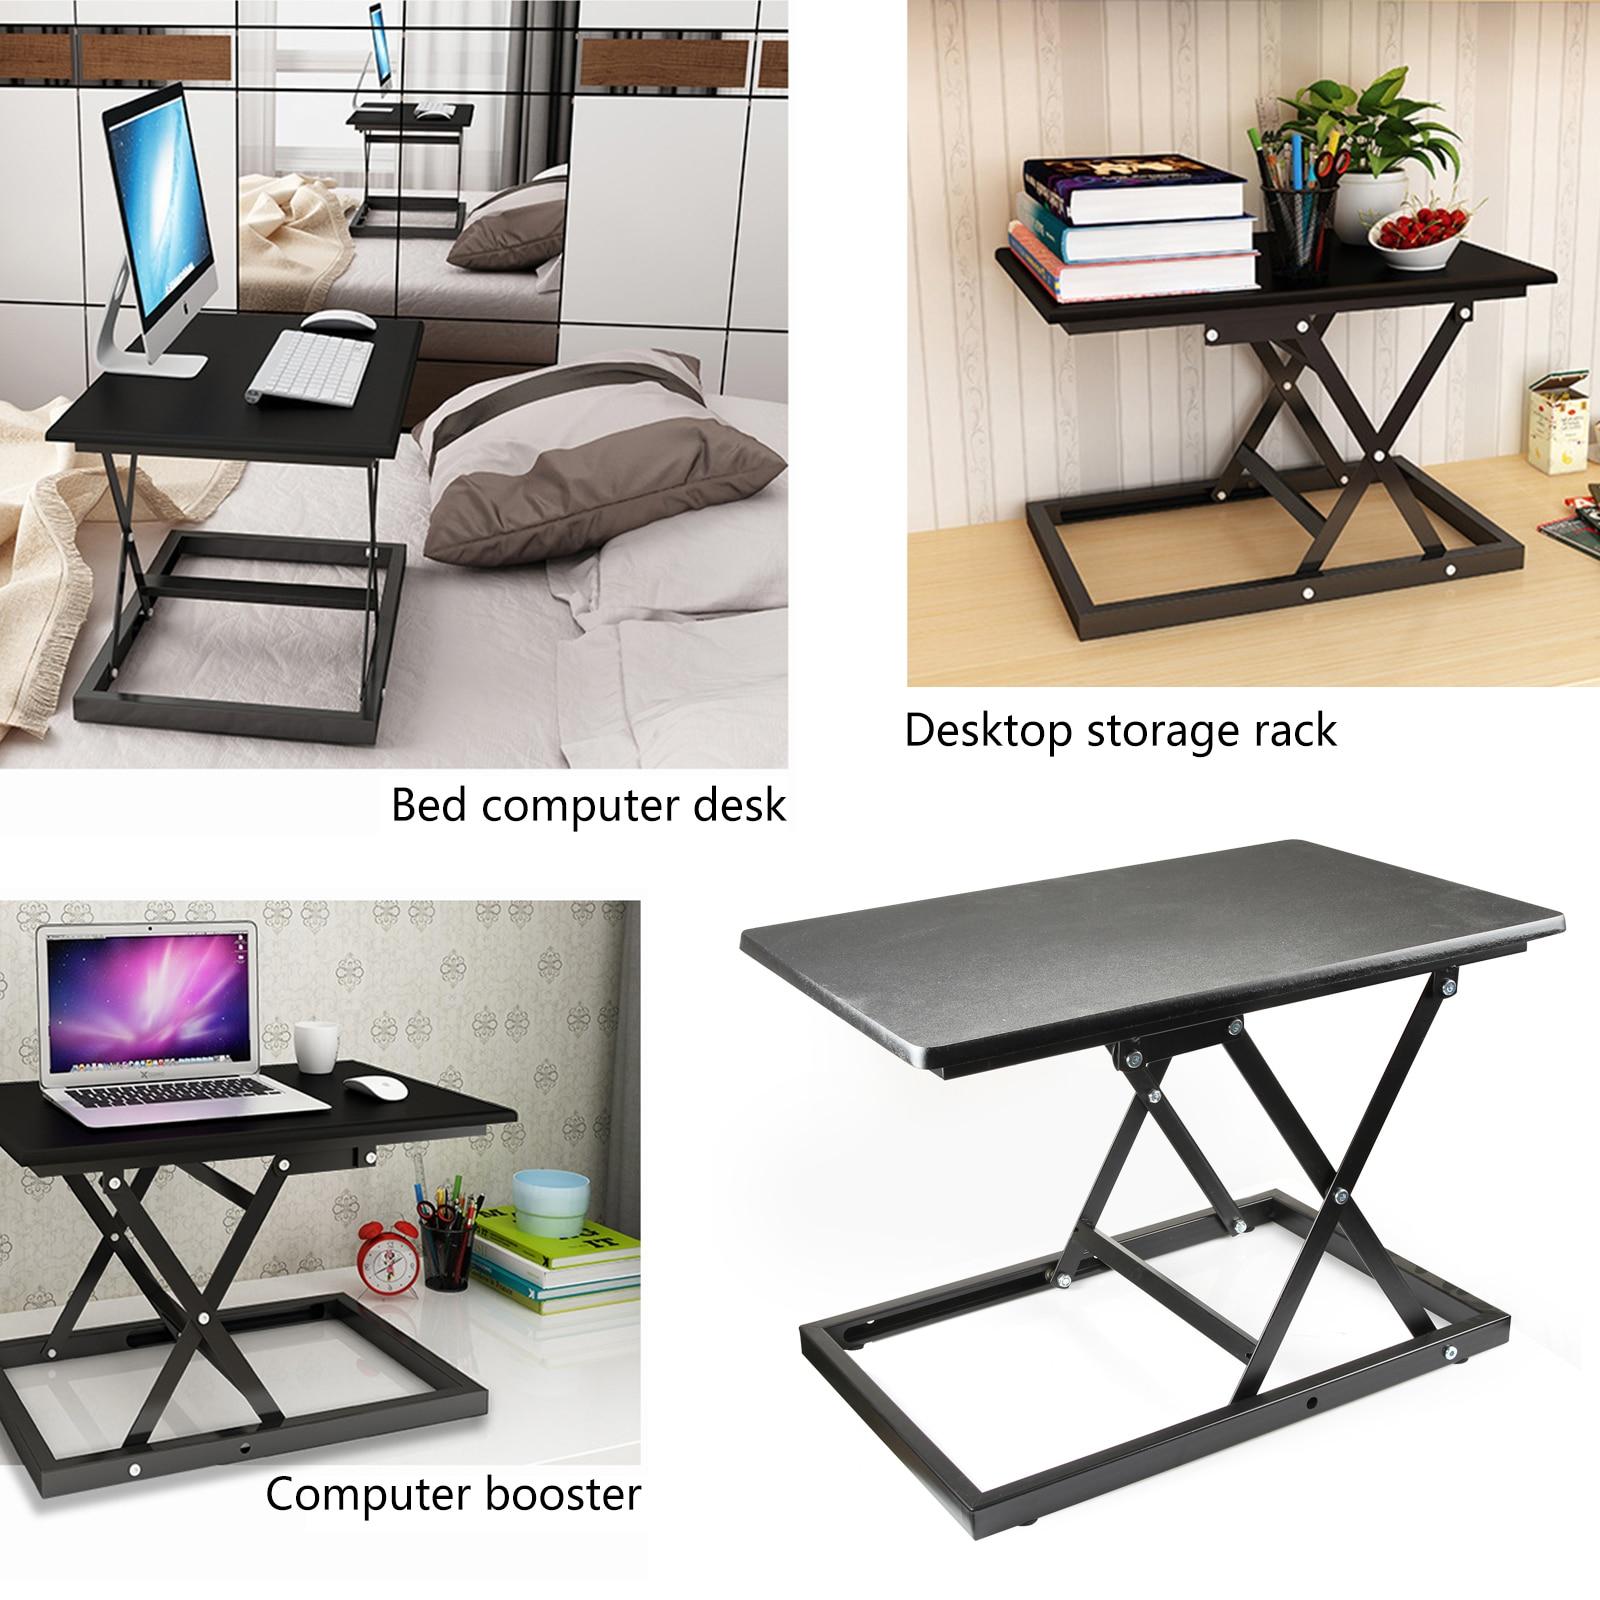 Регулируемая высота Кабриолет сидеть Встать Рабочий стол ноутбука, настольного компьютера стояк настольная рабочая станция - 6